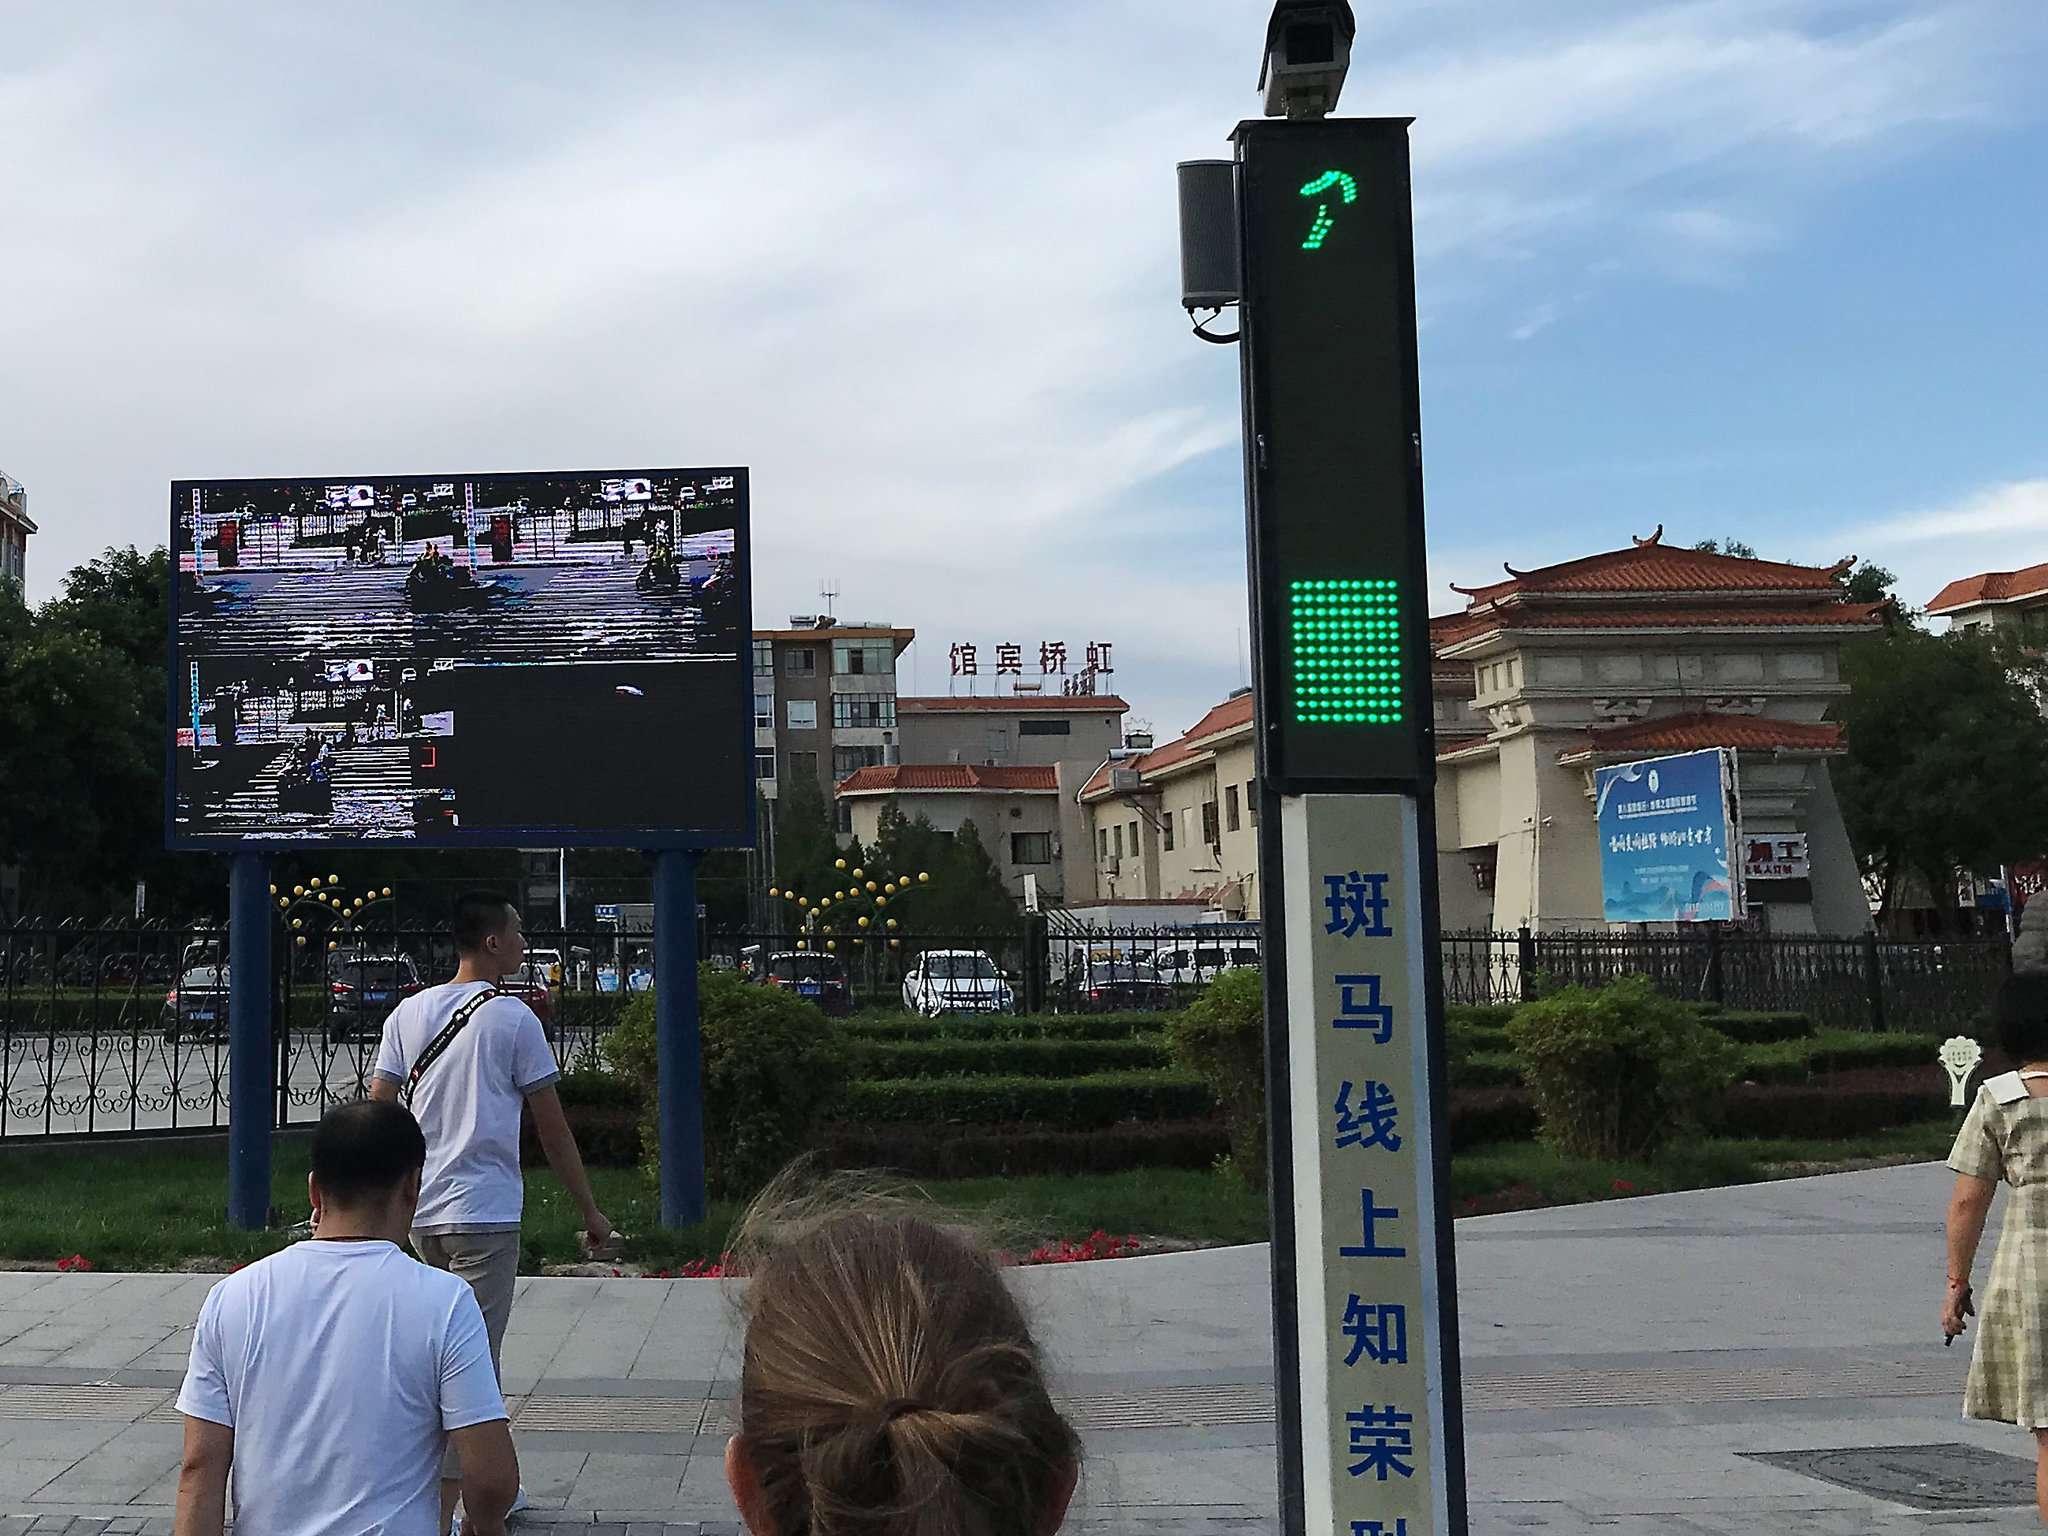 Kameras an Kreuzungen überwachen den Verkehr u2013 wer bei Rot die Straße überquert, findet sich für bis zu 24 Stunden auf der Leinwand wieder.